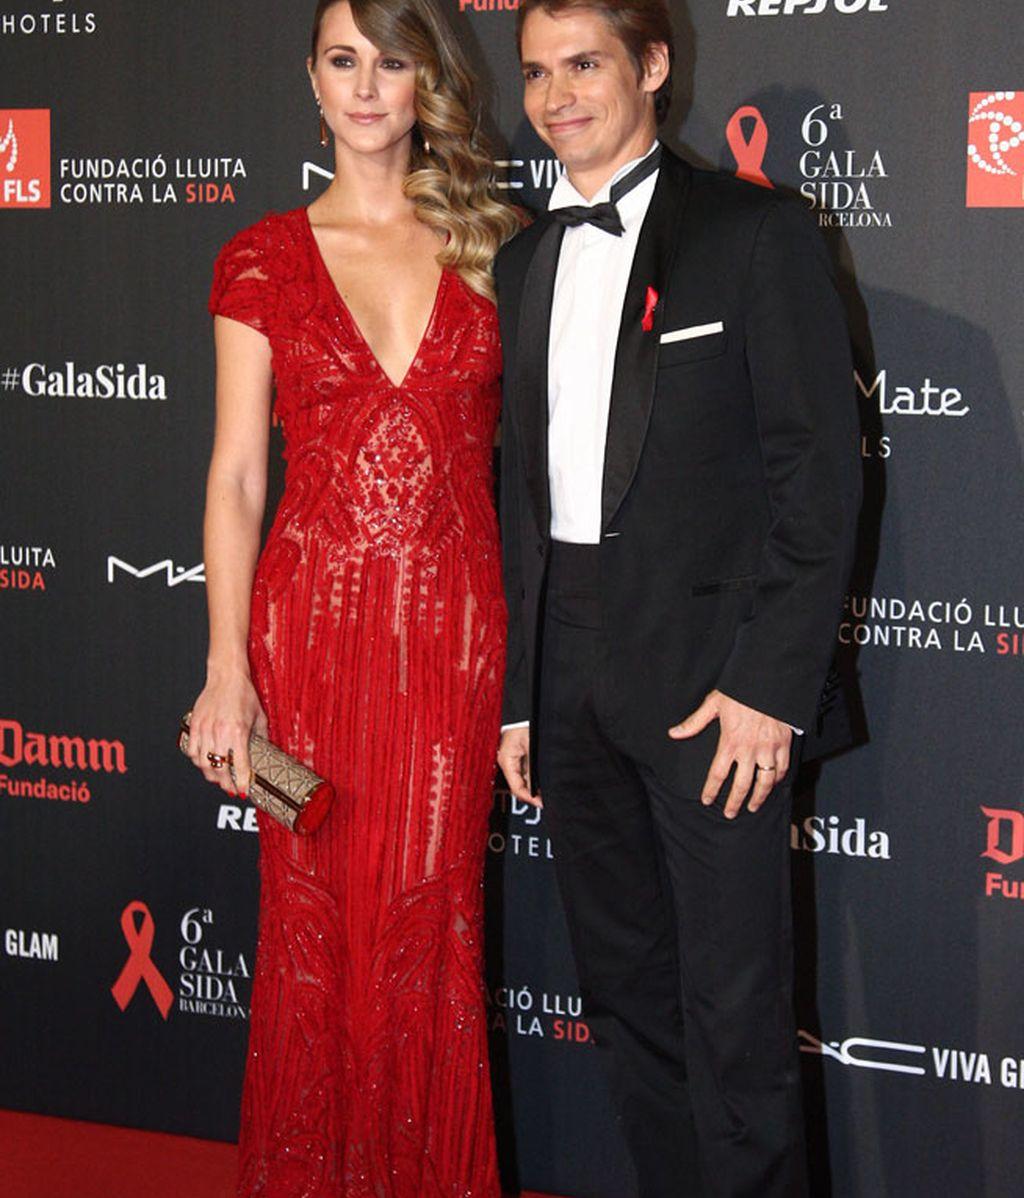 Carlos Baute y su mujer Astrid Klisans espectacular de rojo y transparencias